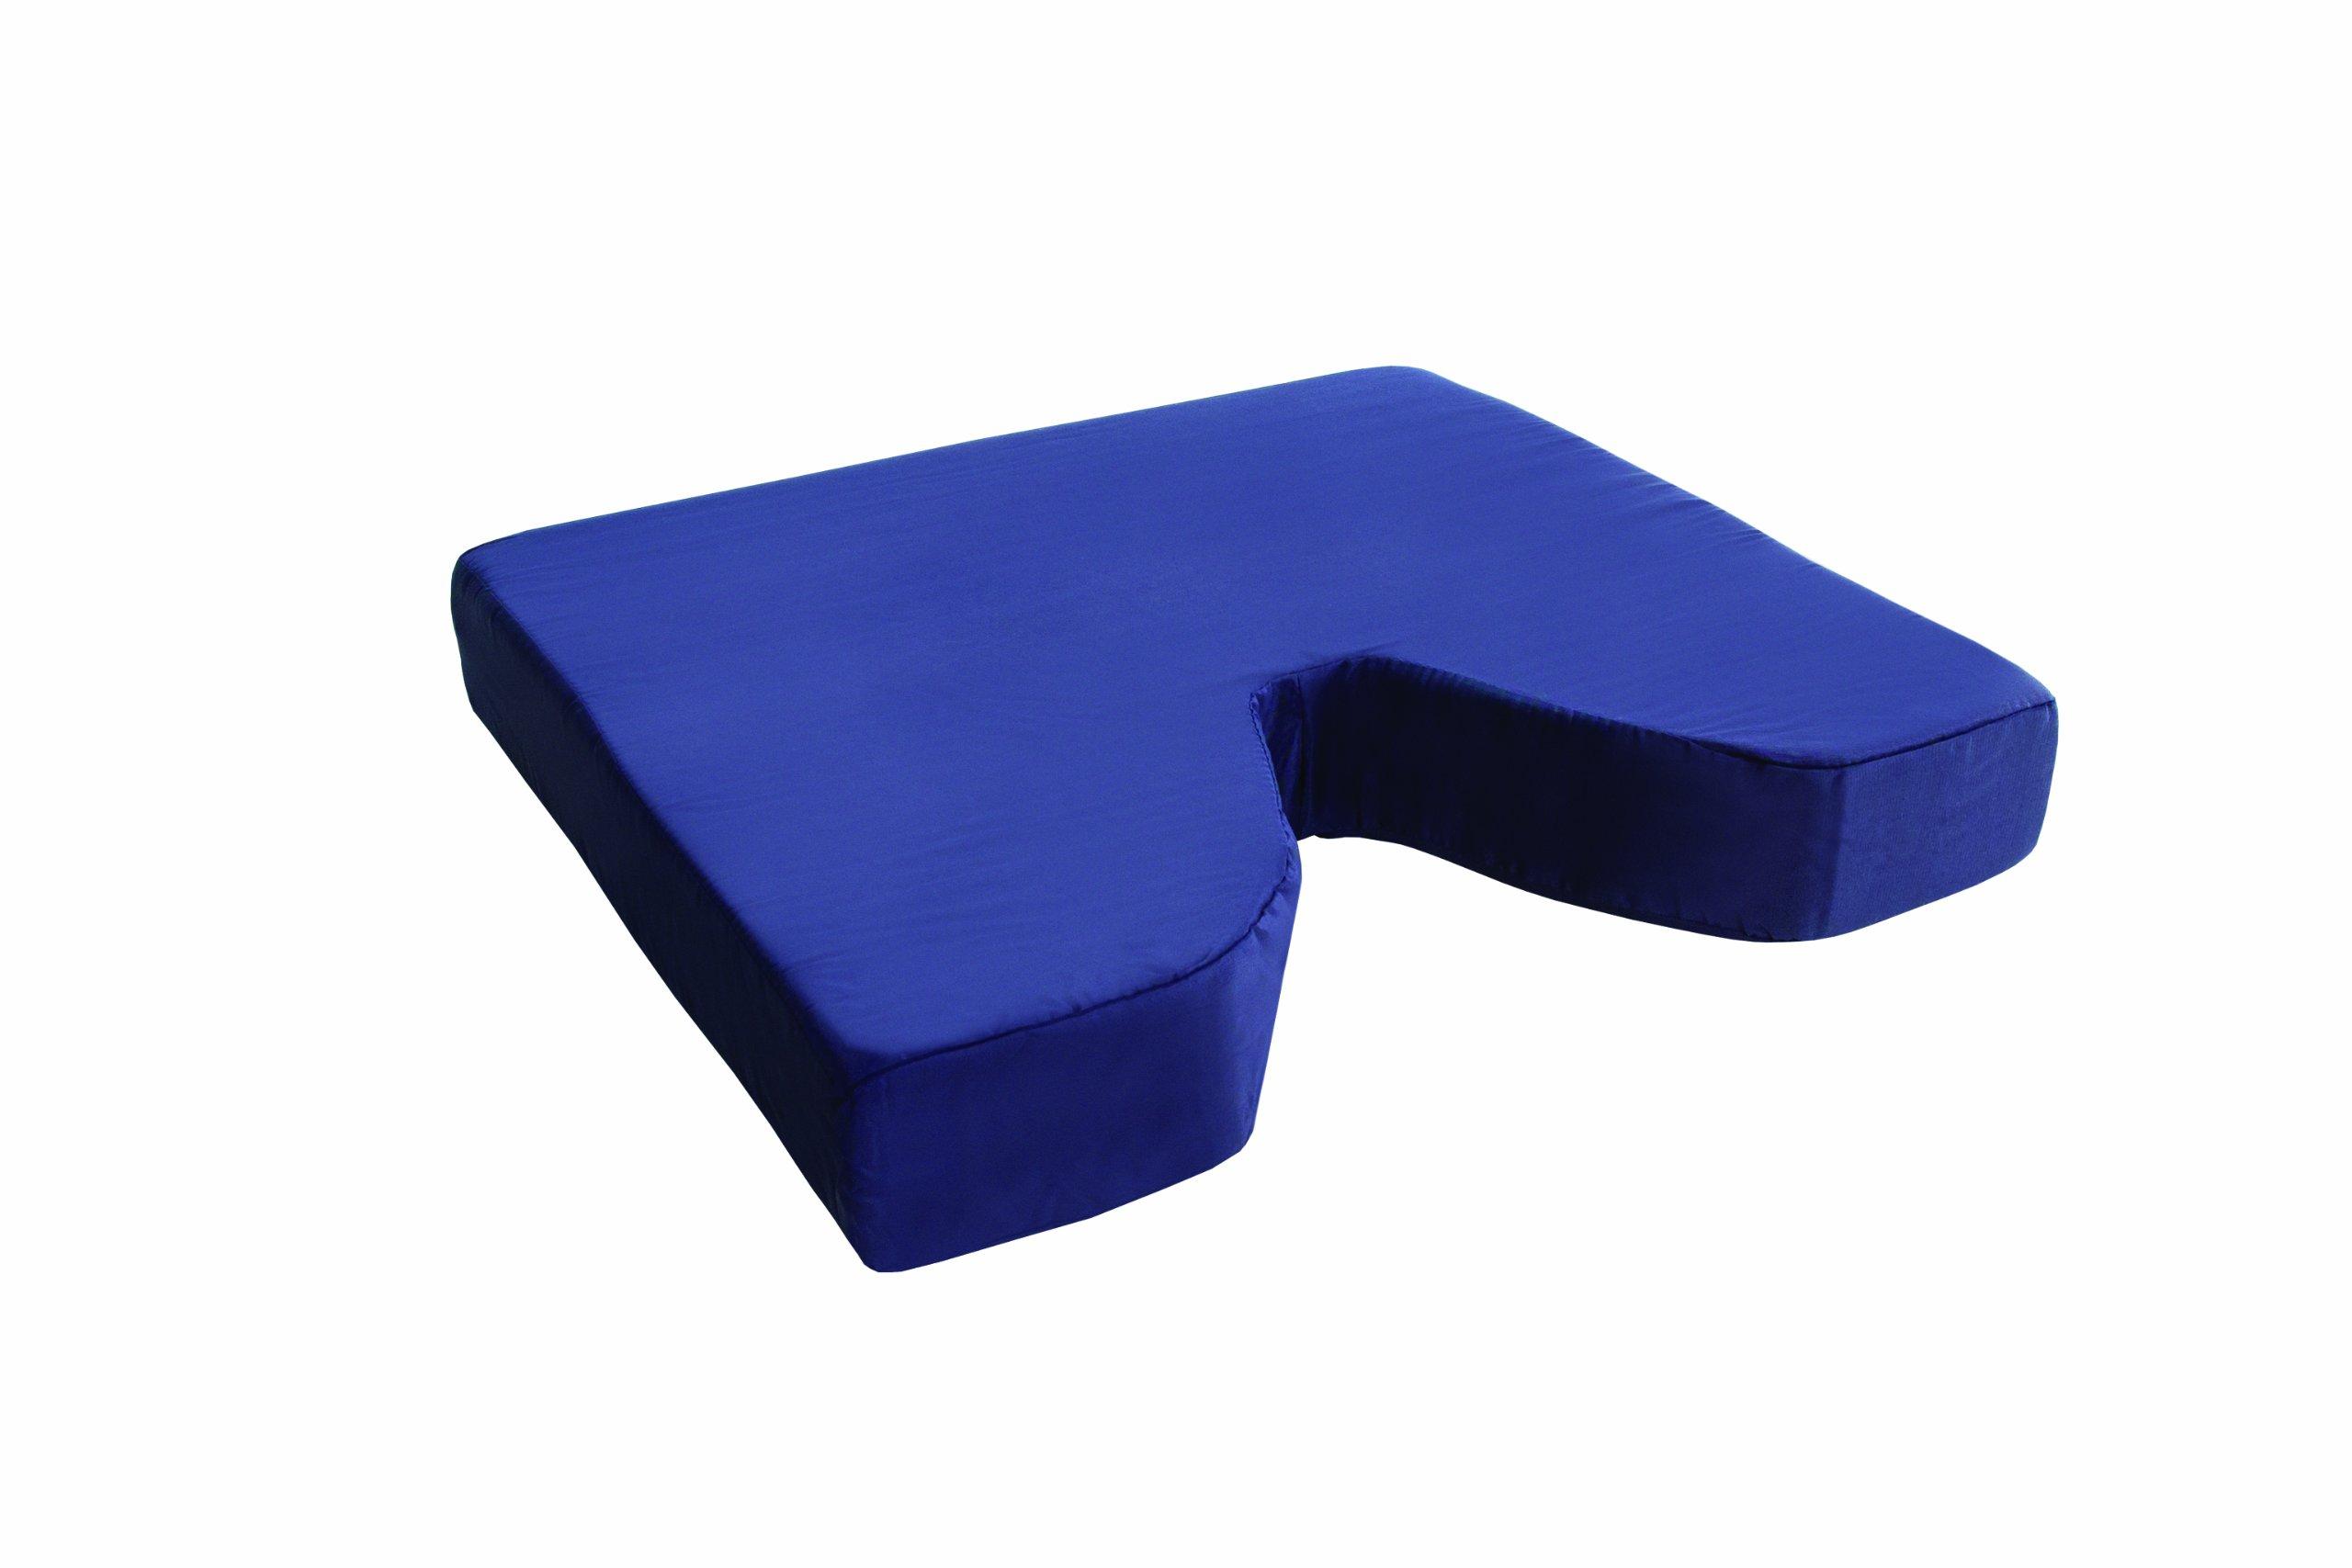 Essential Medical Supply Coccyx Cushion, 16 Inch X 16 Inch X 3 Inch